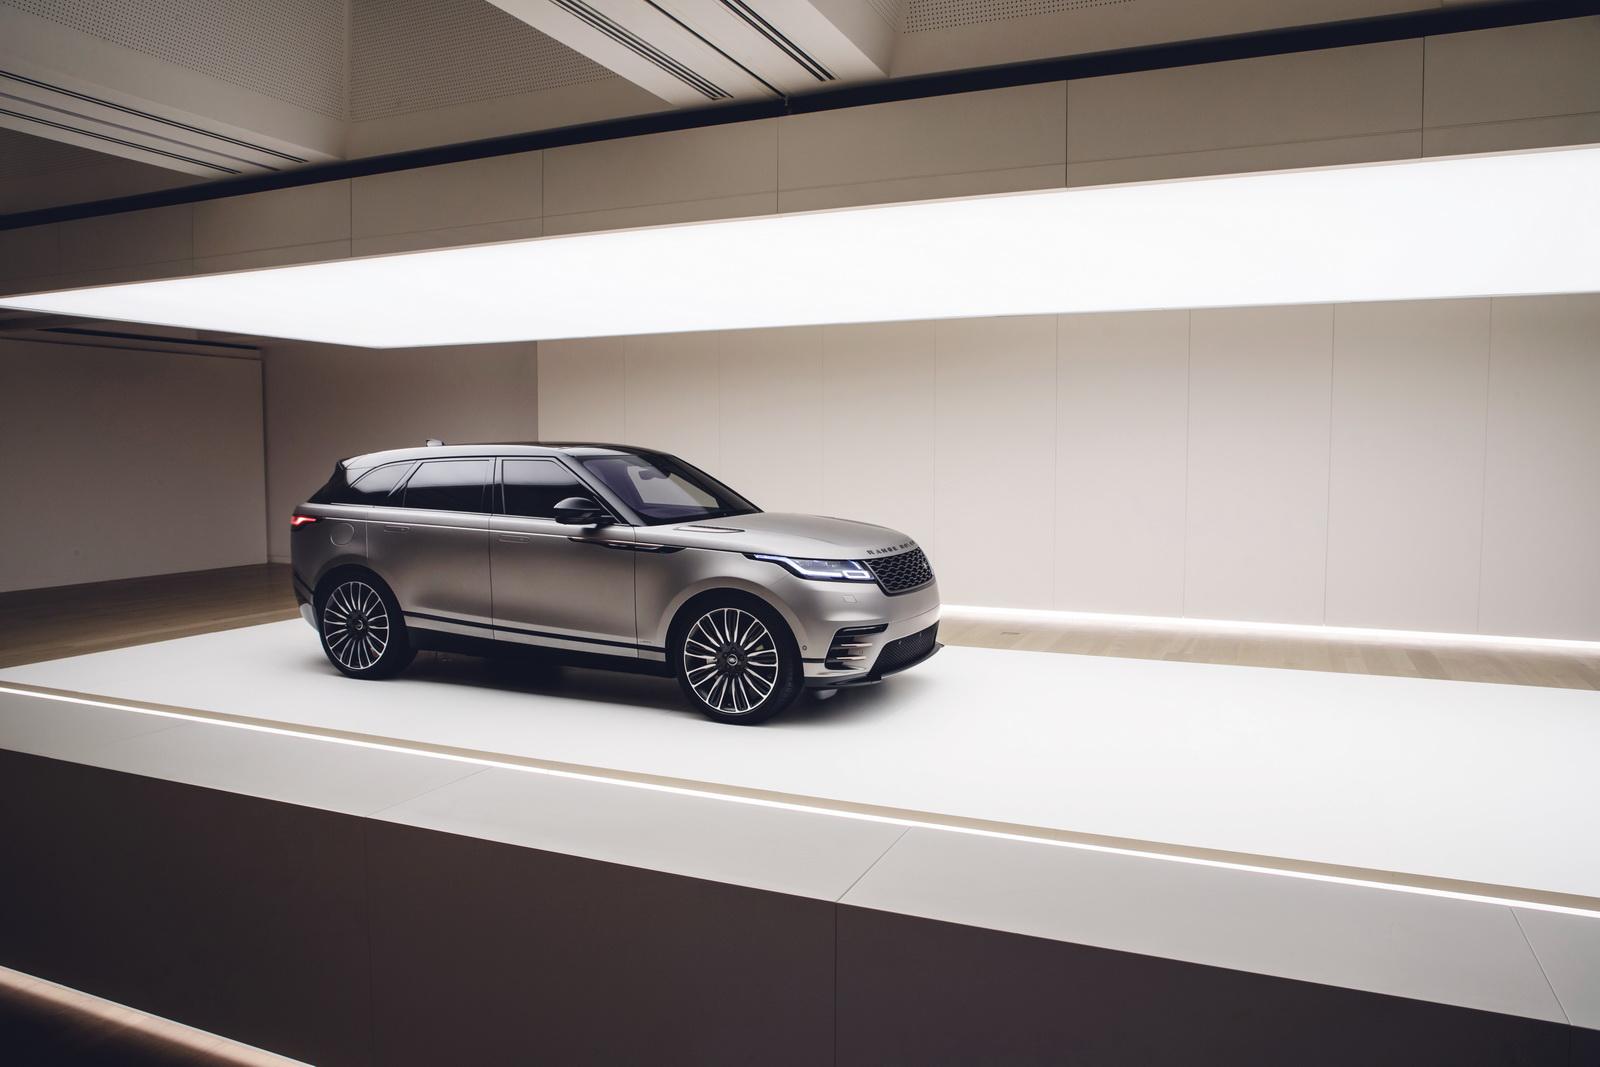 Range Rover Velar in Geneva 2017 (45)